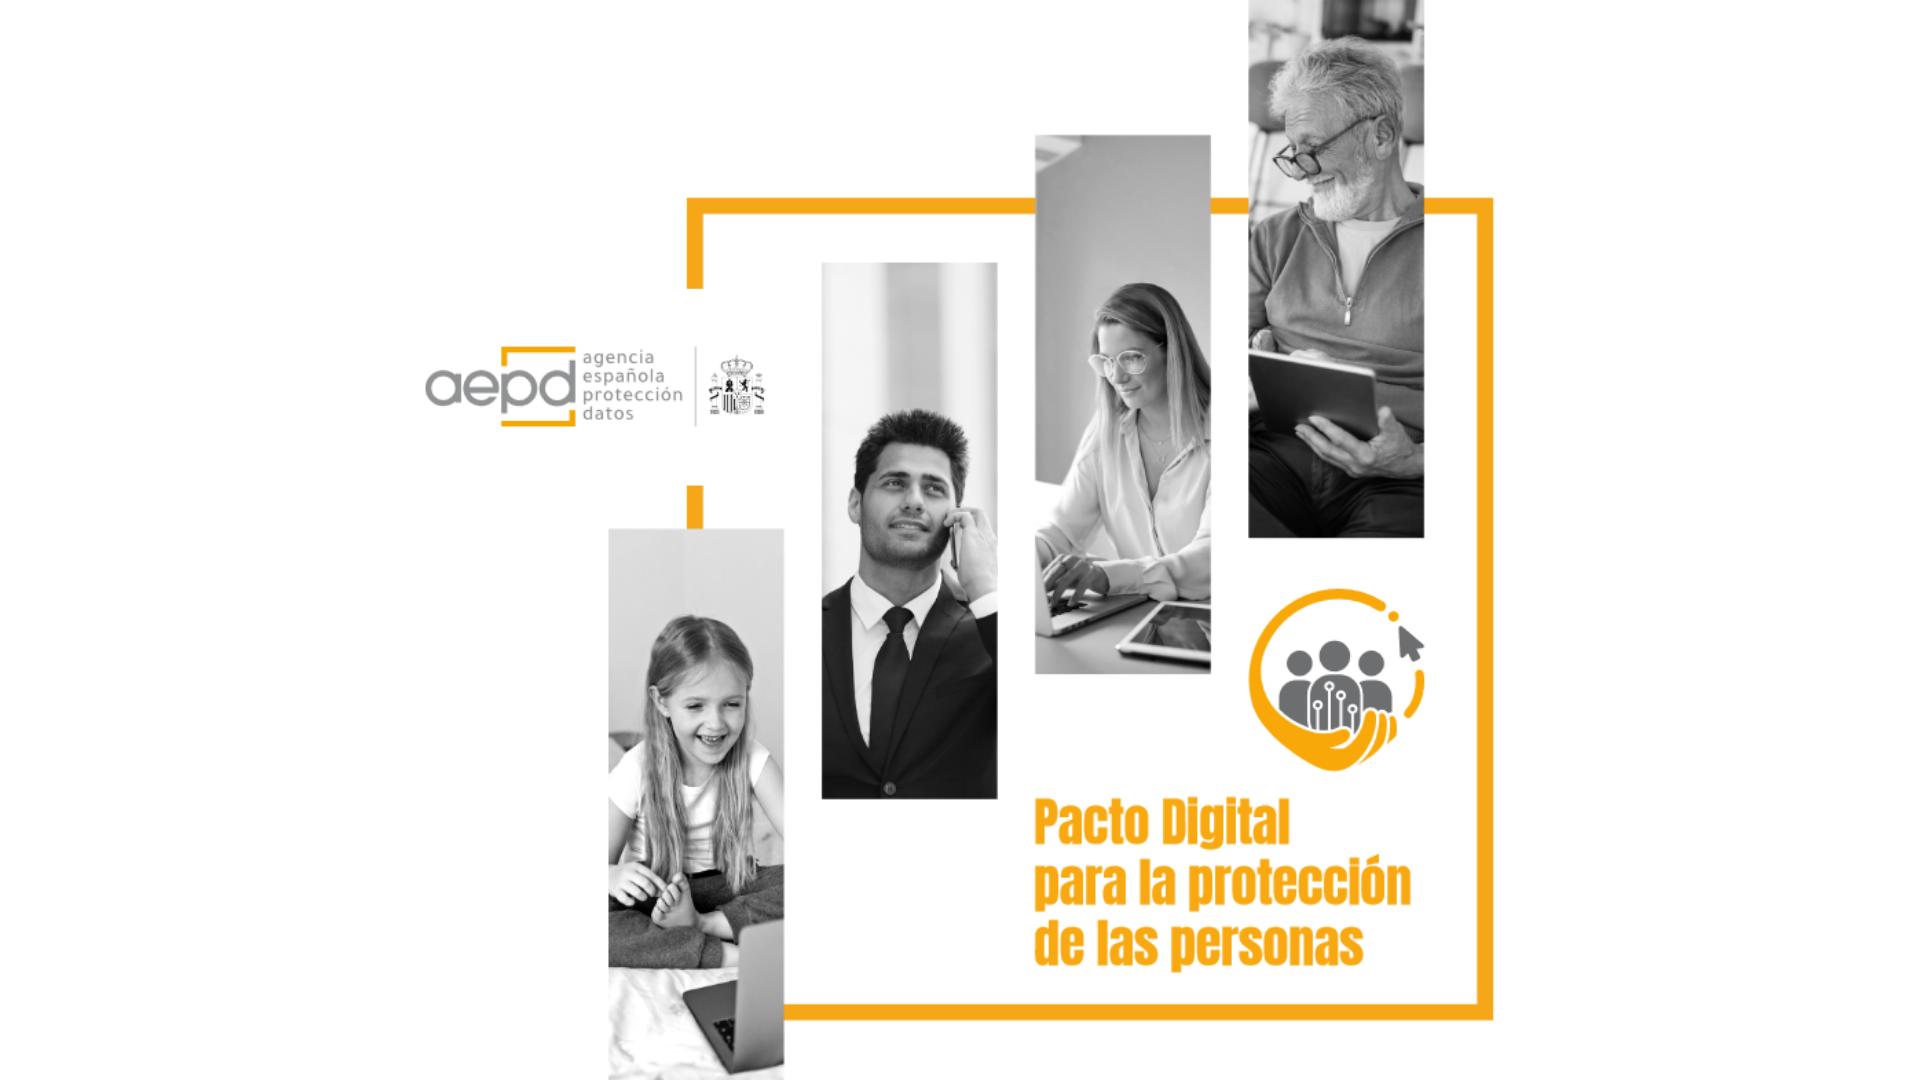 Pacto-Digital-para-la-Proteccion-de-las-Personas-AEPD